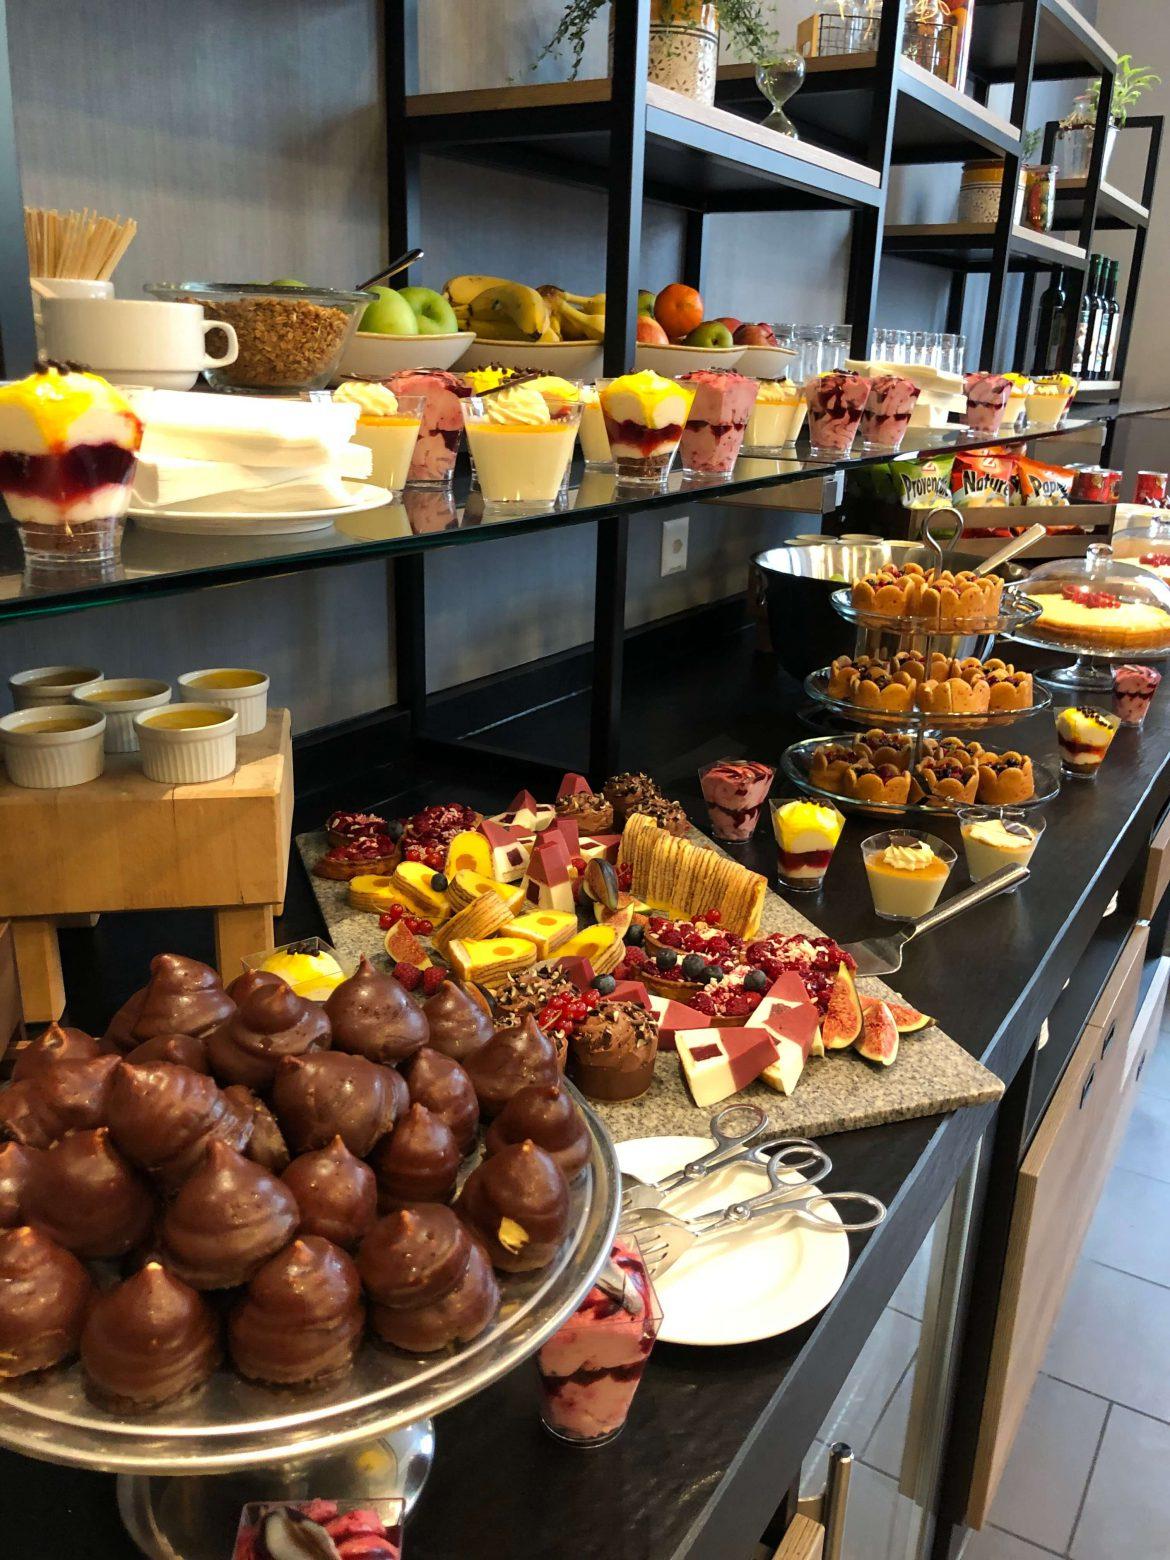 Swiss Blog Family 2019: Sündhaft leckeres Dessert Buffet im Hotel Courtyard by Marriot in Zürich